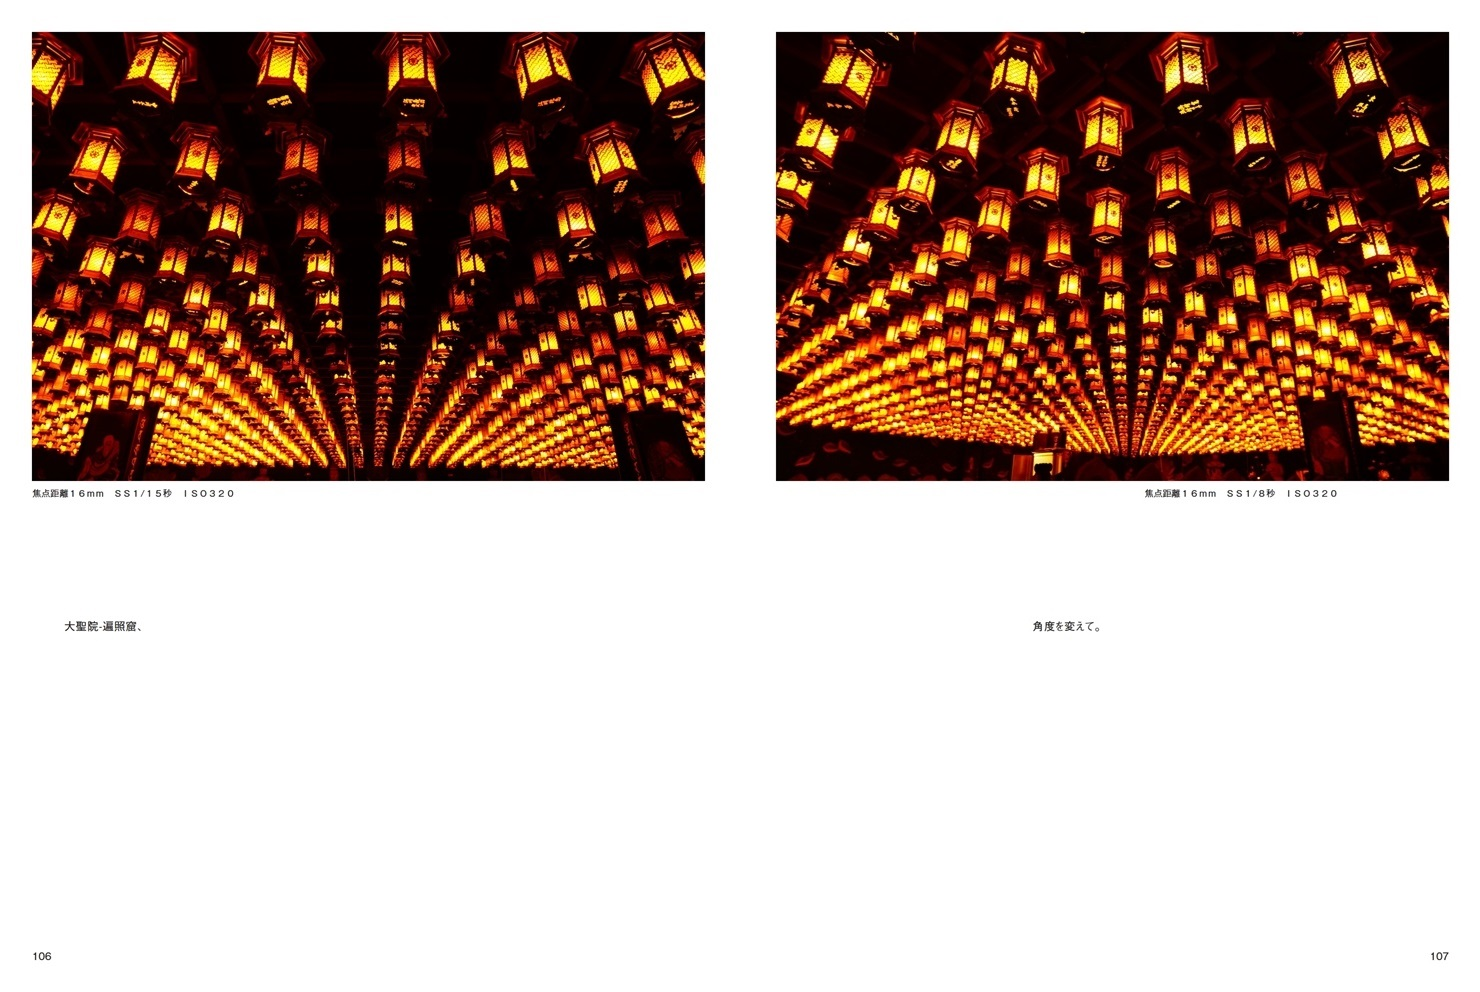 フォトブック 106ページ目